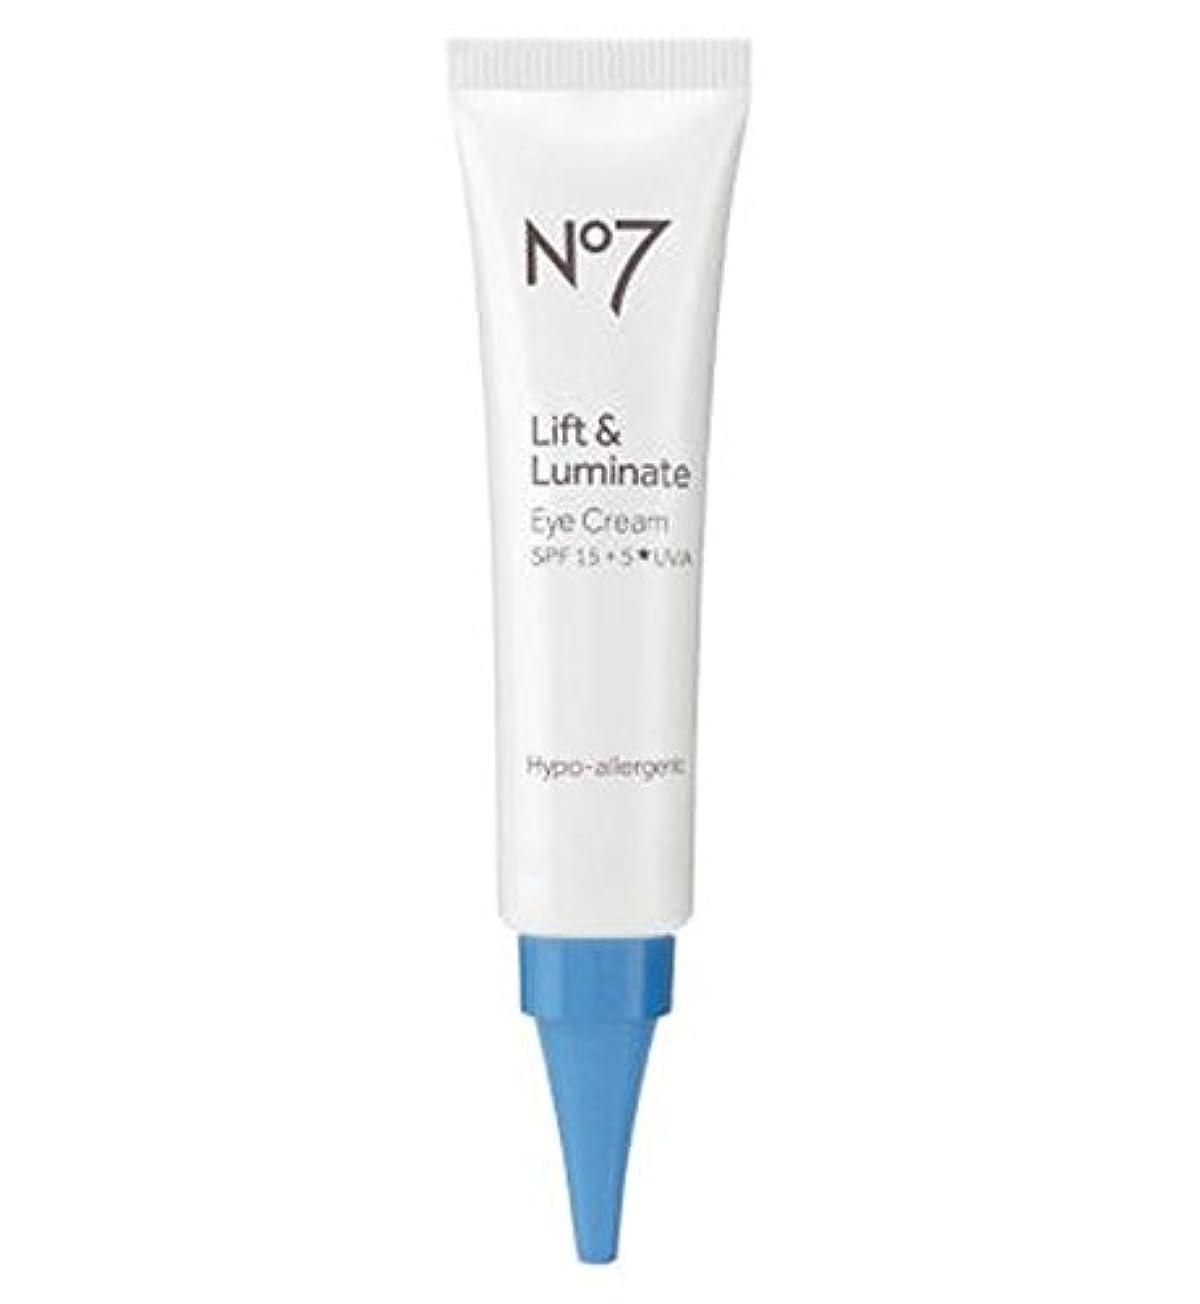 怪物説得力のあるアトミックNo7 Lift & Luminate Eye Cream - No7リフト&Luminateアイクリーム (No7) [並行輸入品]